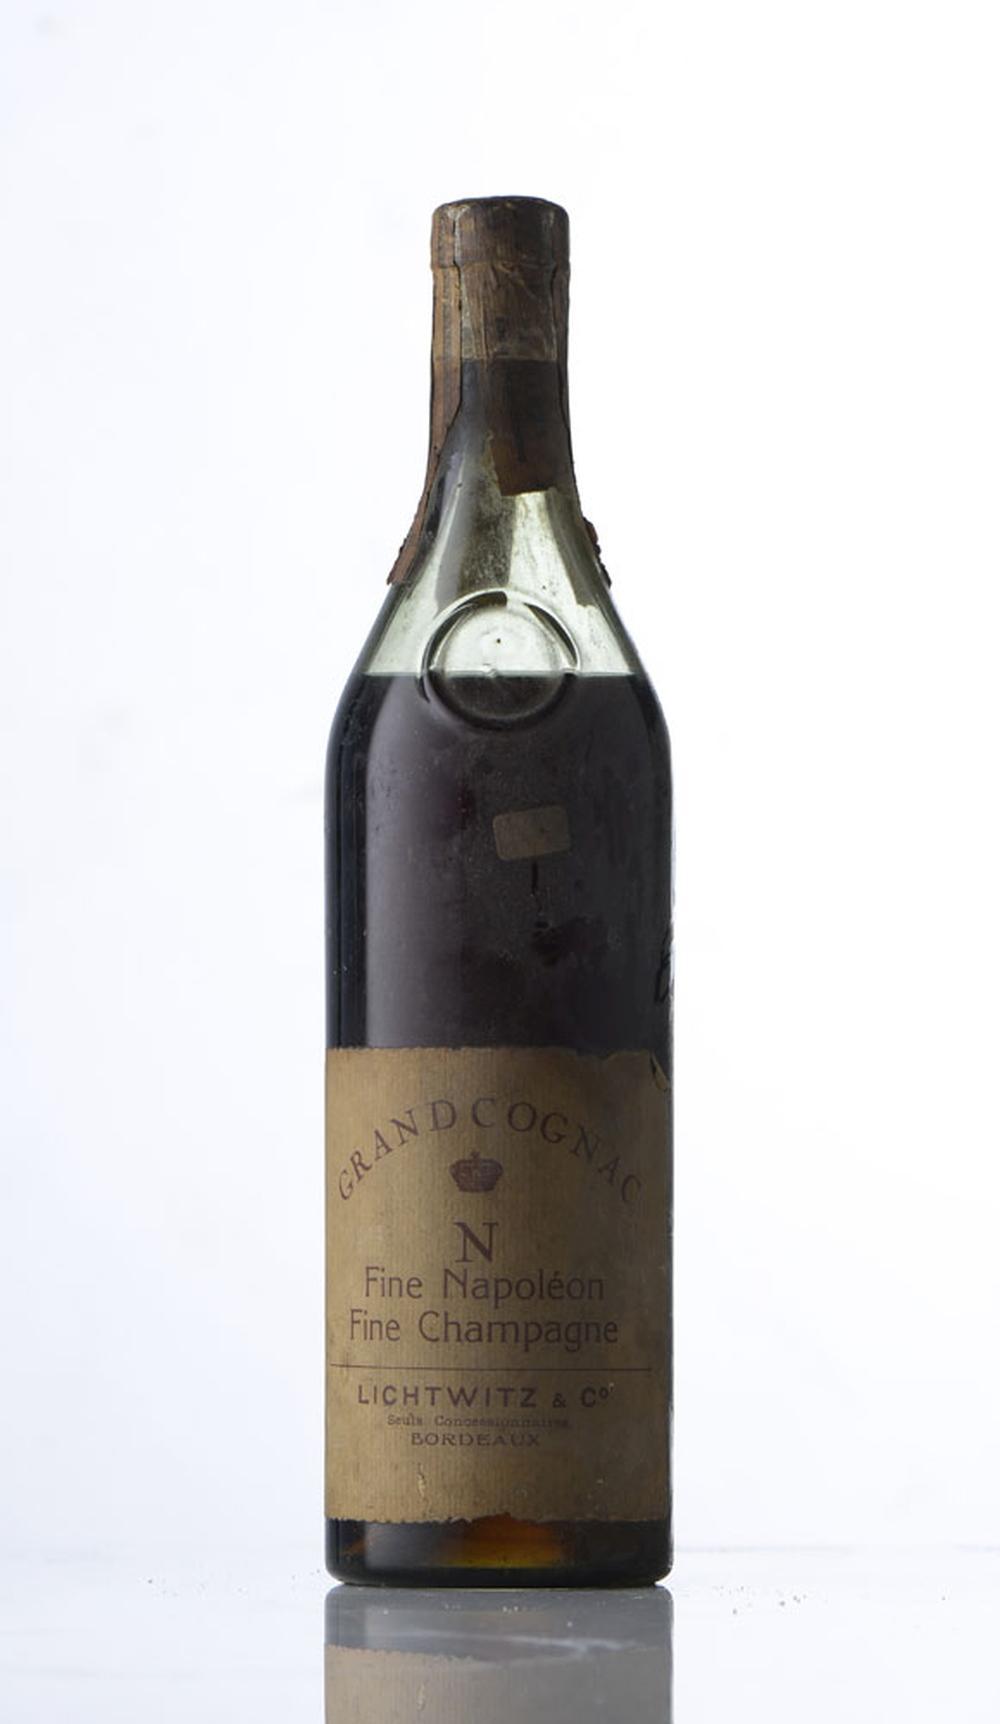 Lichtwitz & Cº, Grand Cognac, Fine Napoléon 1 gfa.